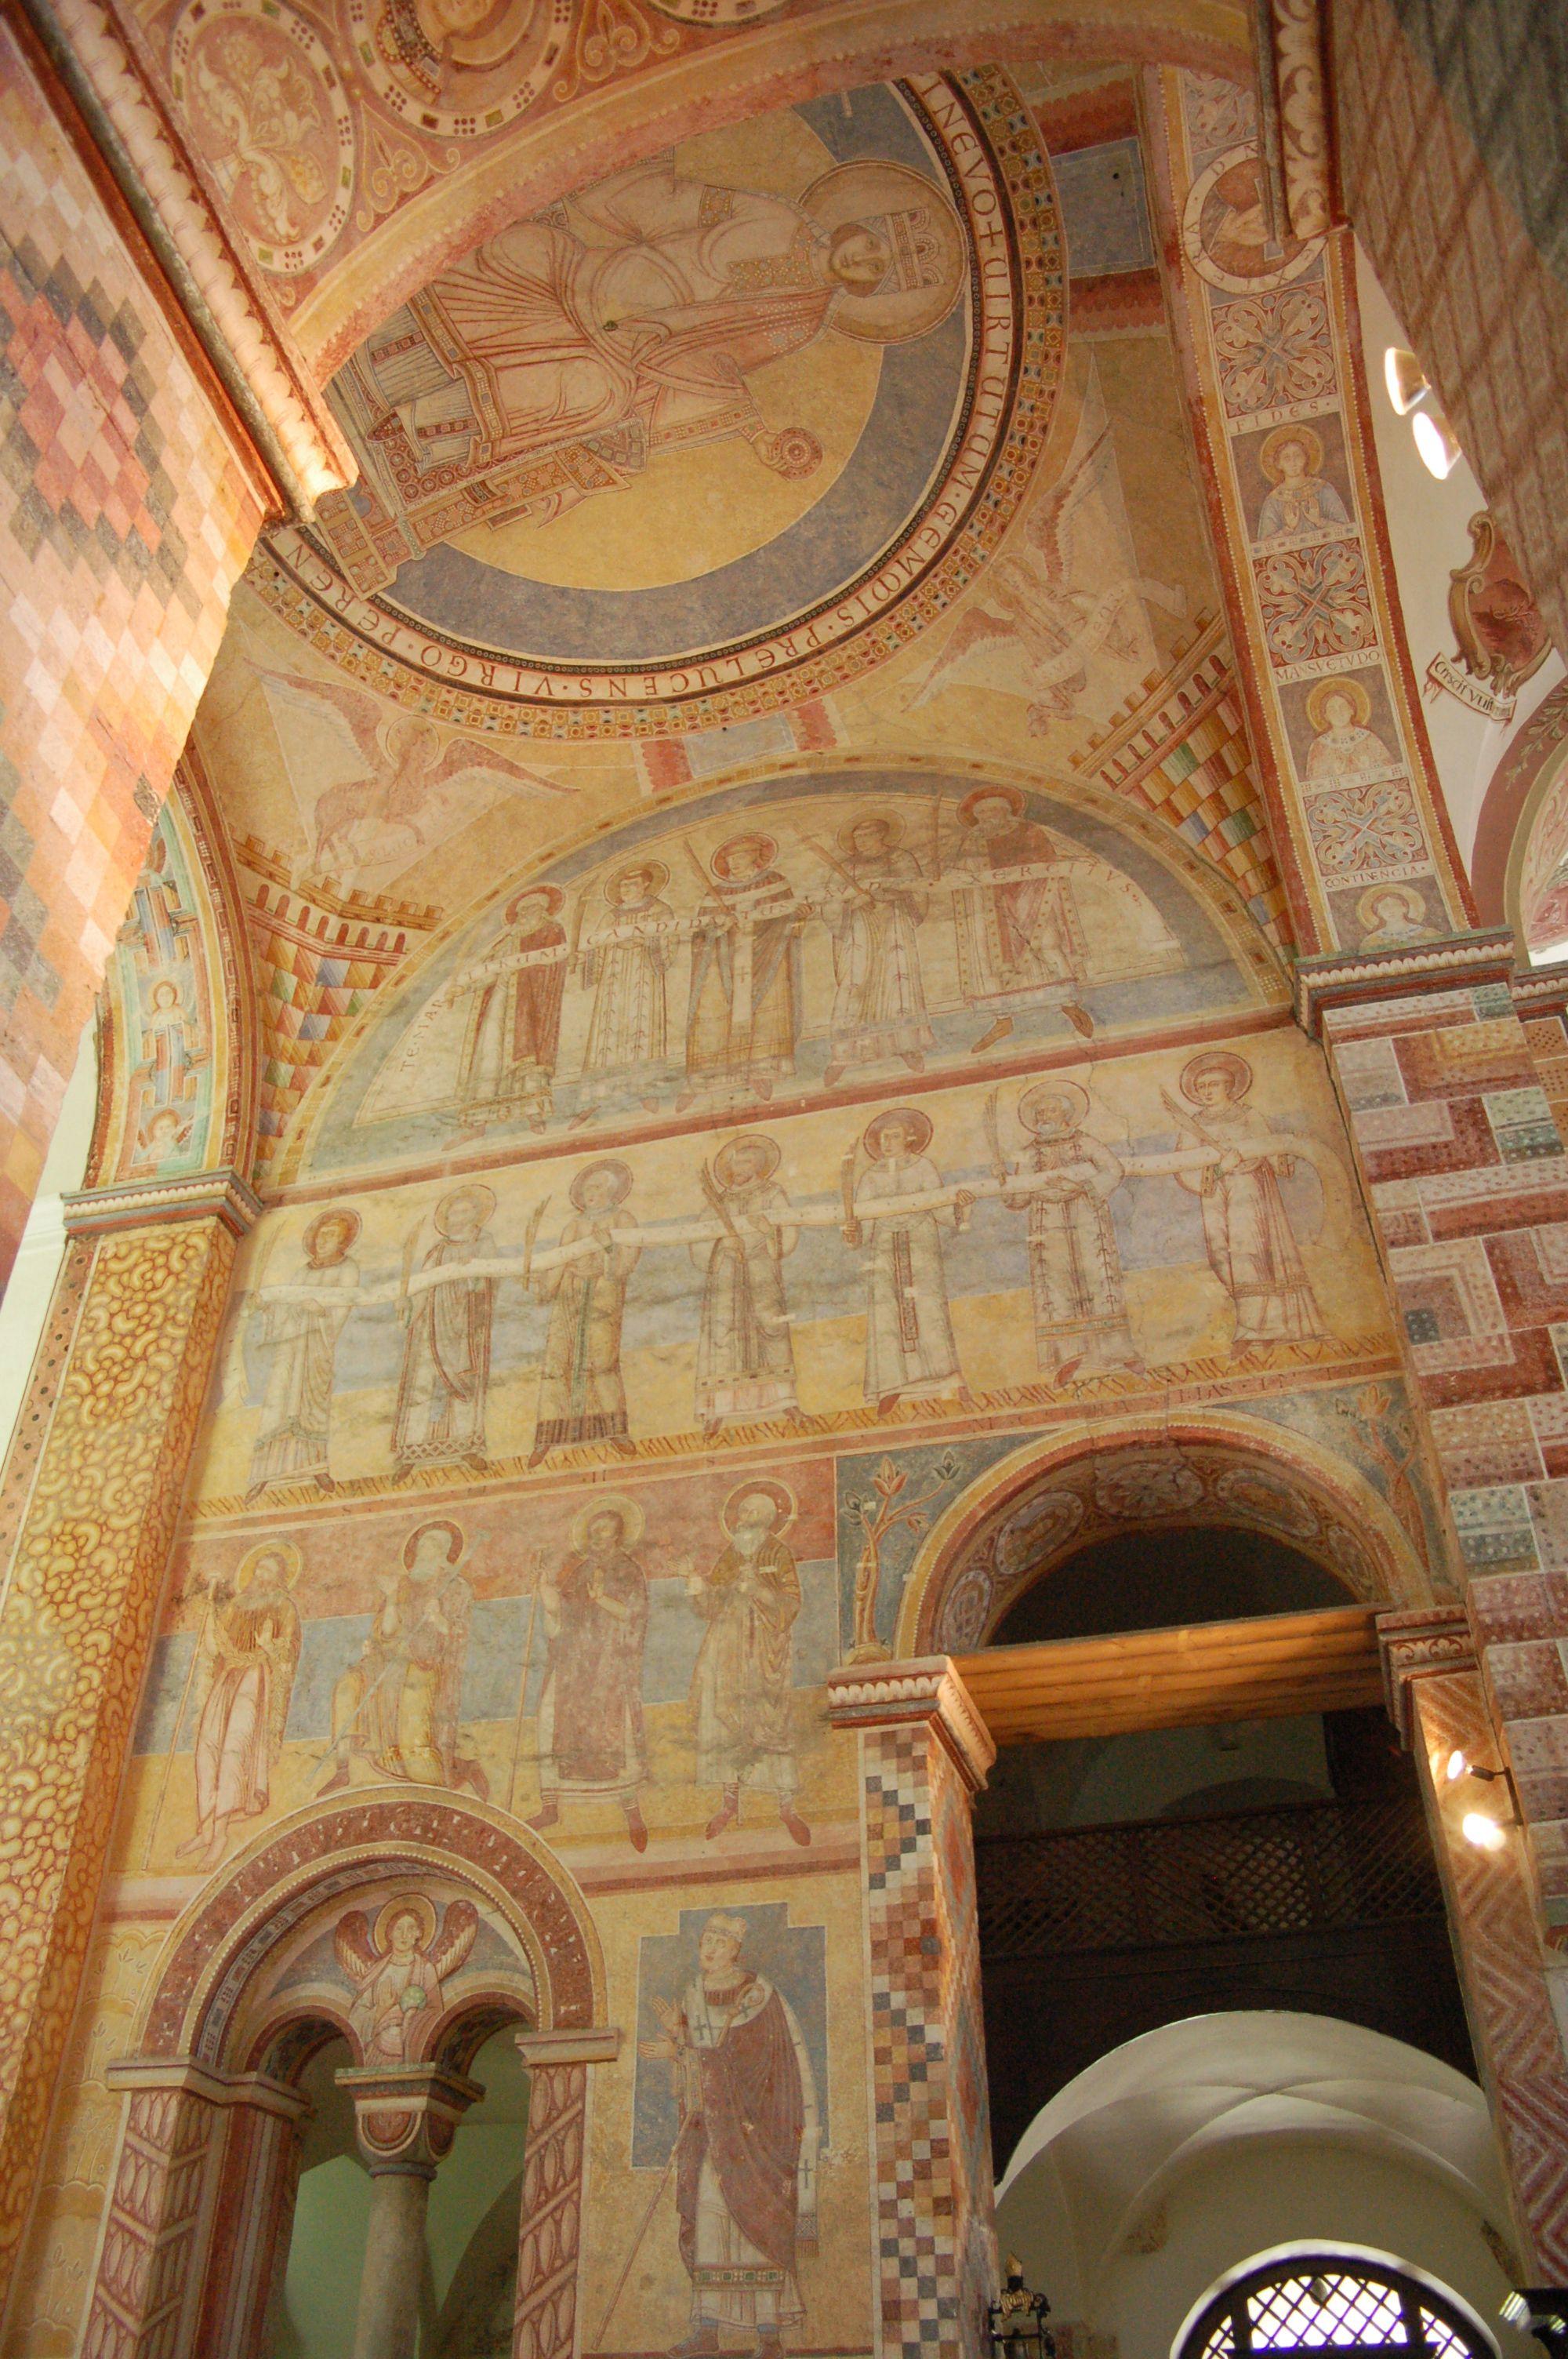 Romanische Wandmalereien im ehemaligen Kloster Prüfening in Regensburg. Otto von Bamberg ist unten in der Mitte zu sehen.